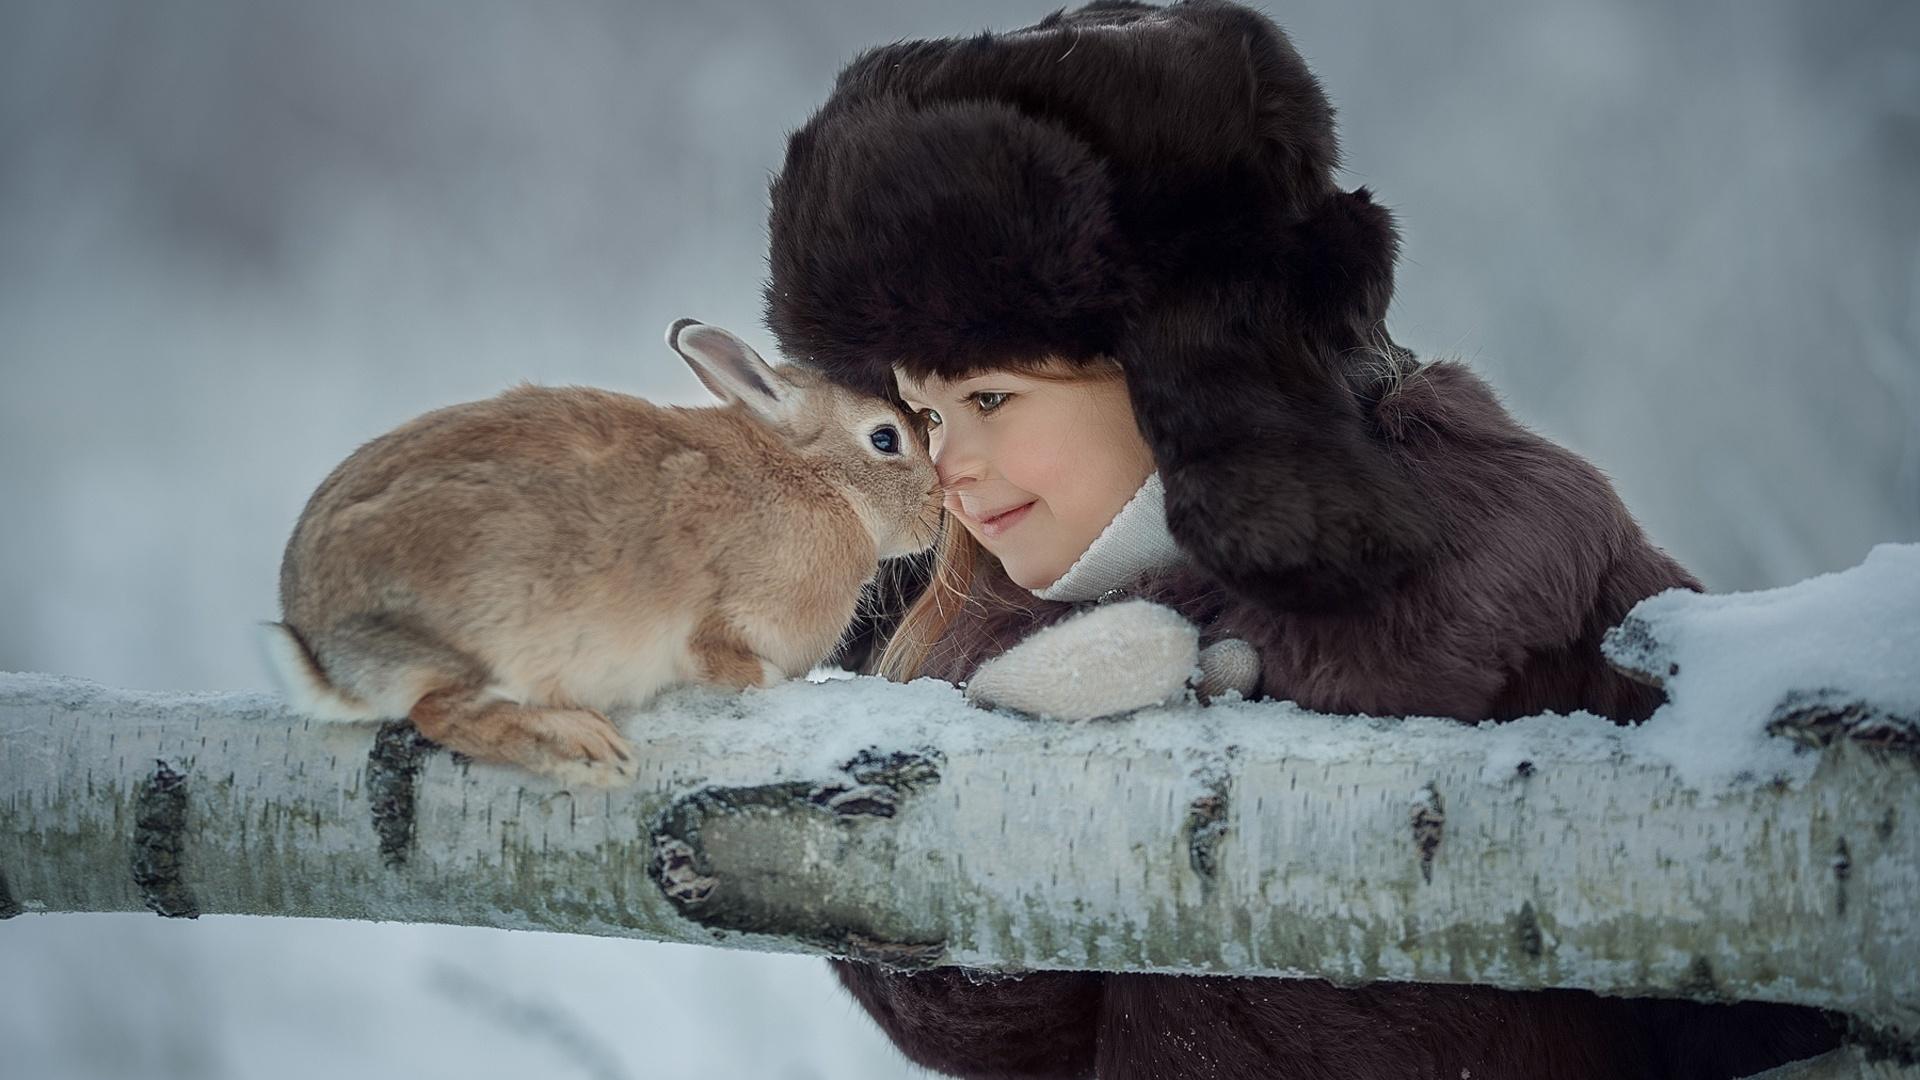 ребёнок, девочка, животное, кролик, ствол, дерево, природа, зима, юлия кубар